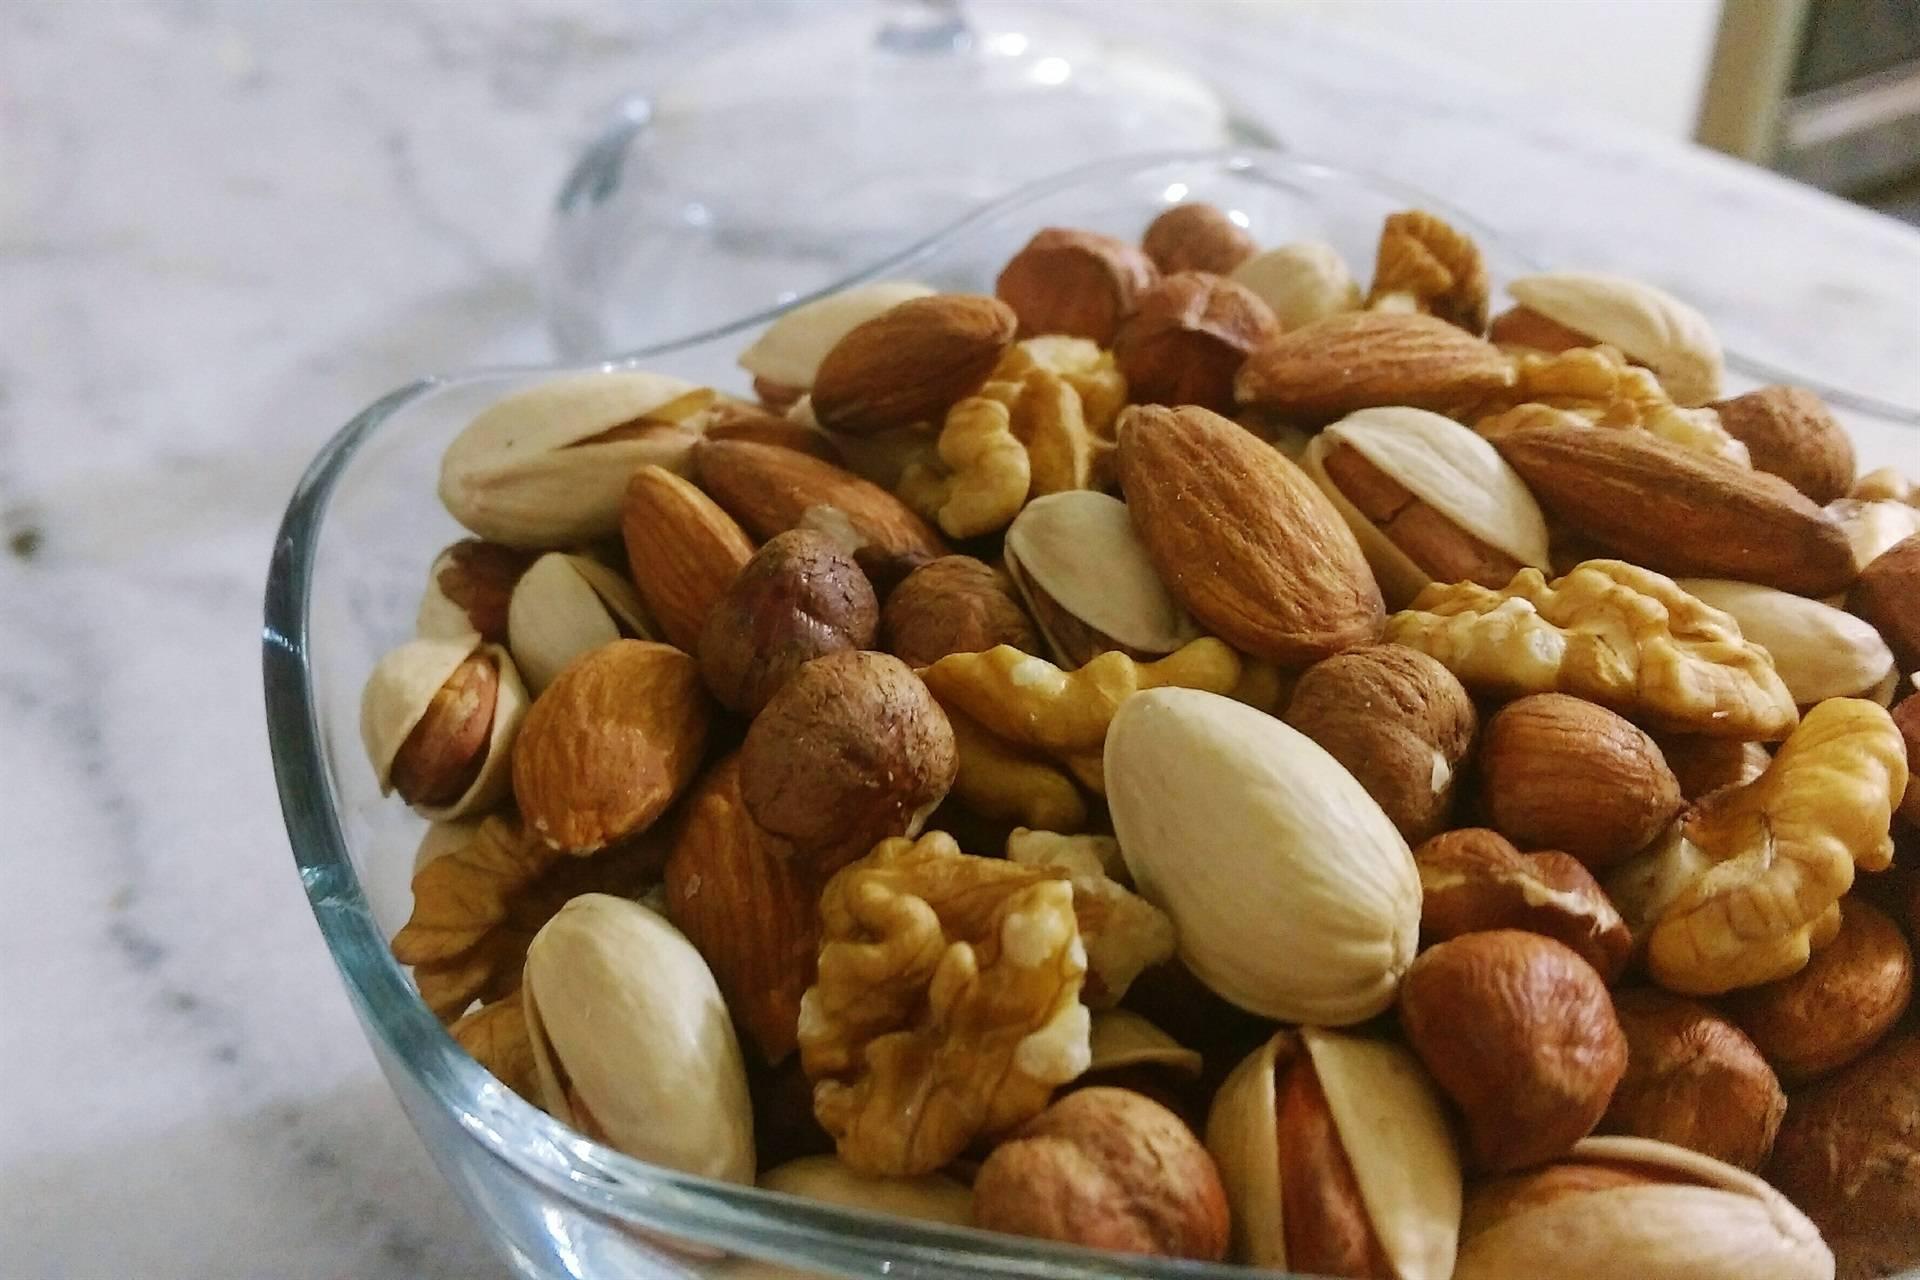 Как выбрать грецкий орех в скорлупе или очищенный, инфографика - орех эксперт